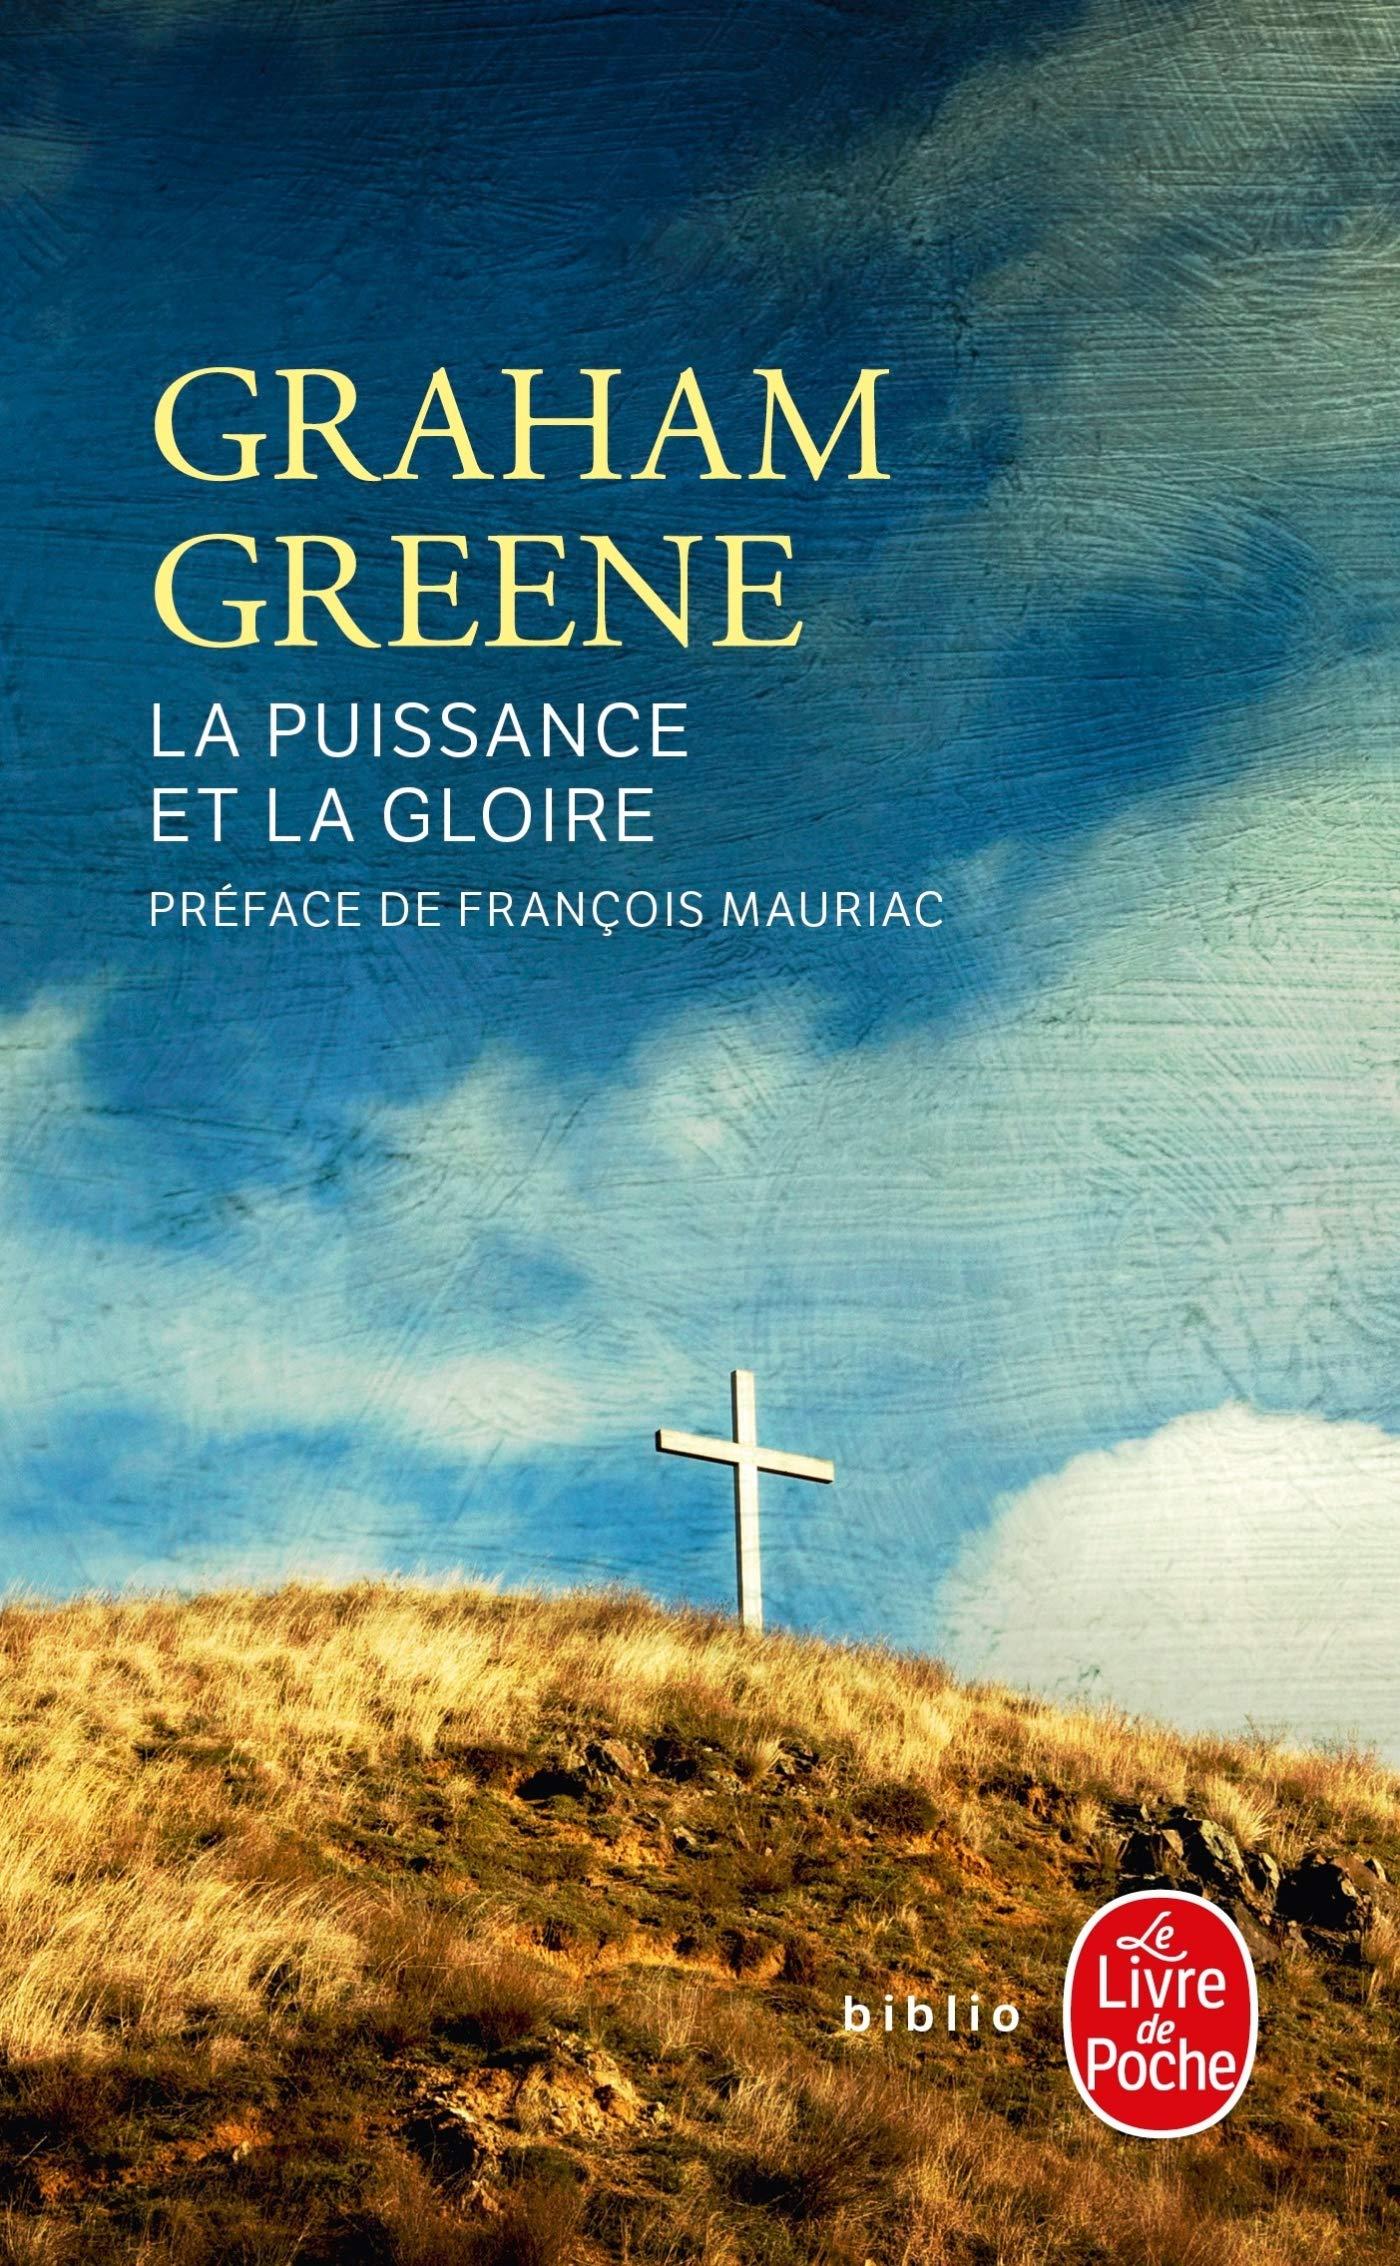 Amazon.fr - La Puissance et la Gloire - Greene, Graham - Livres